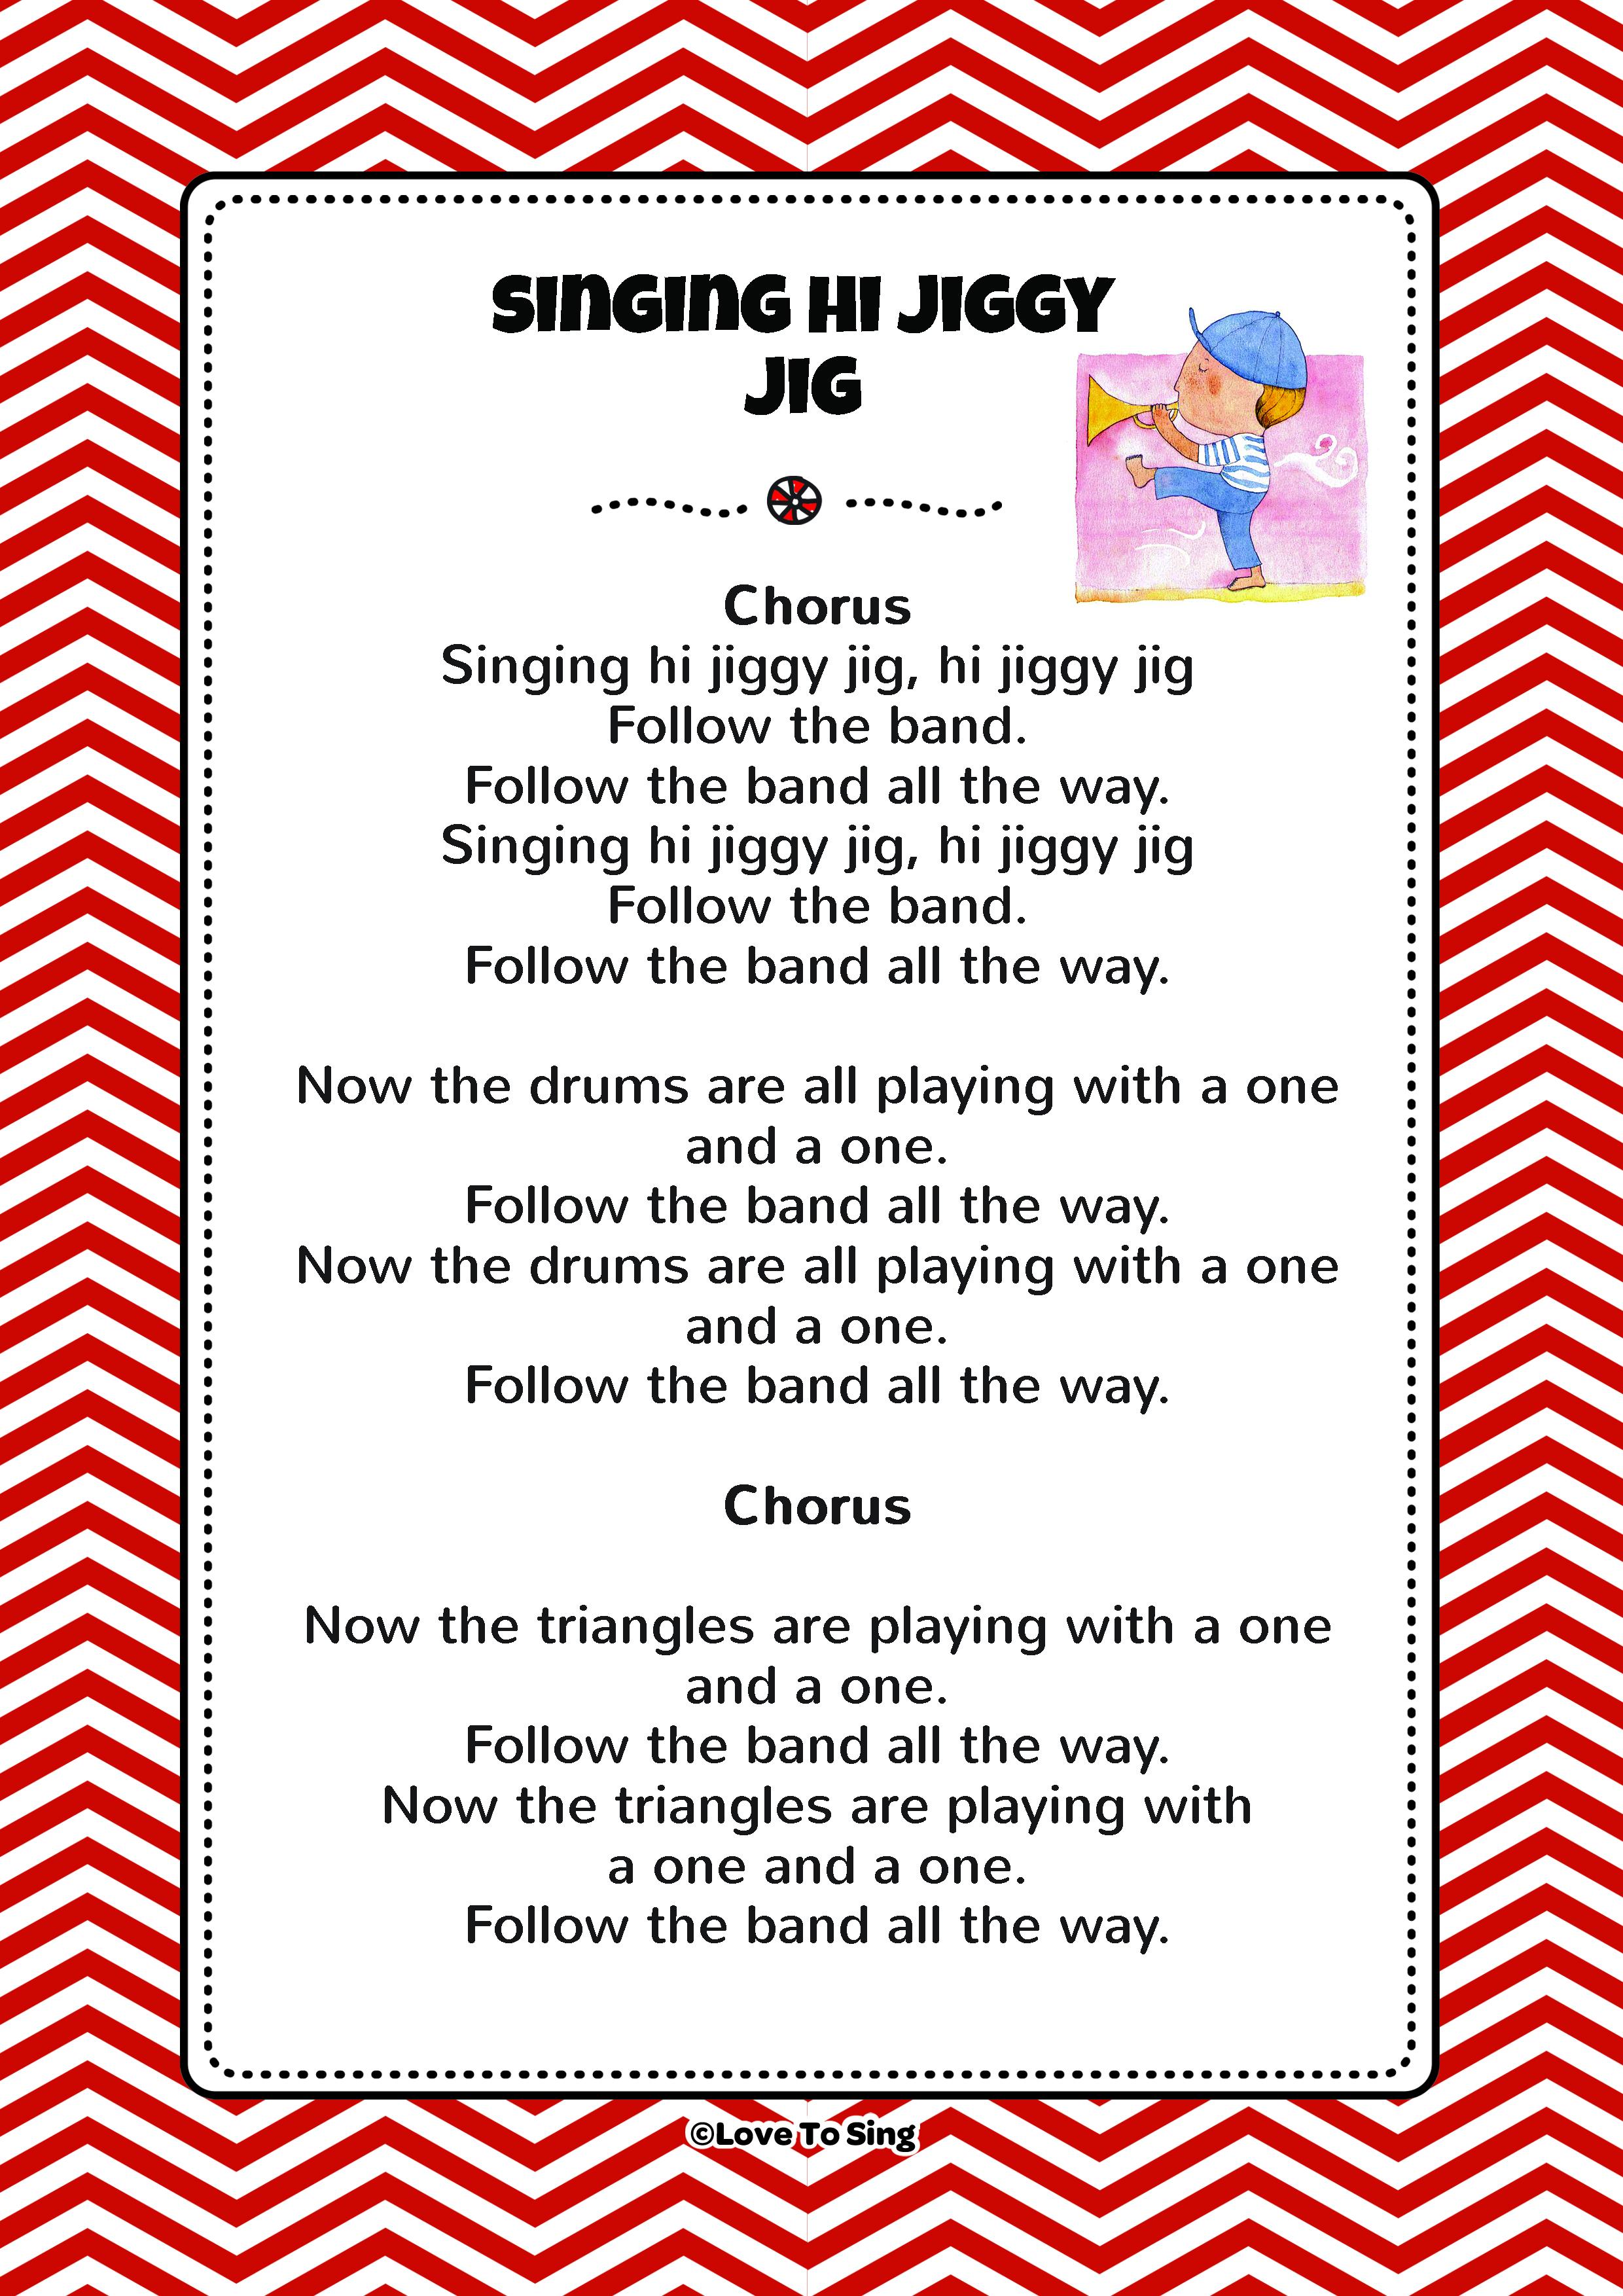 Singing Hi Jiggy Jig | Kids Video Song with FREE Lyrics